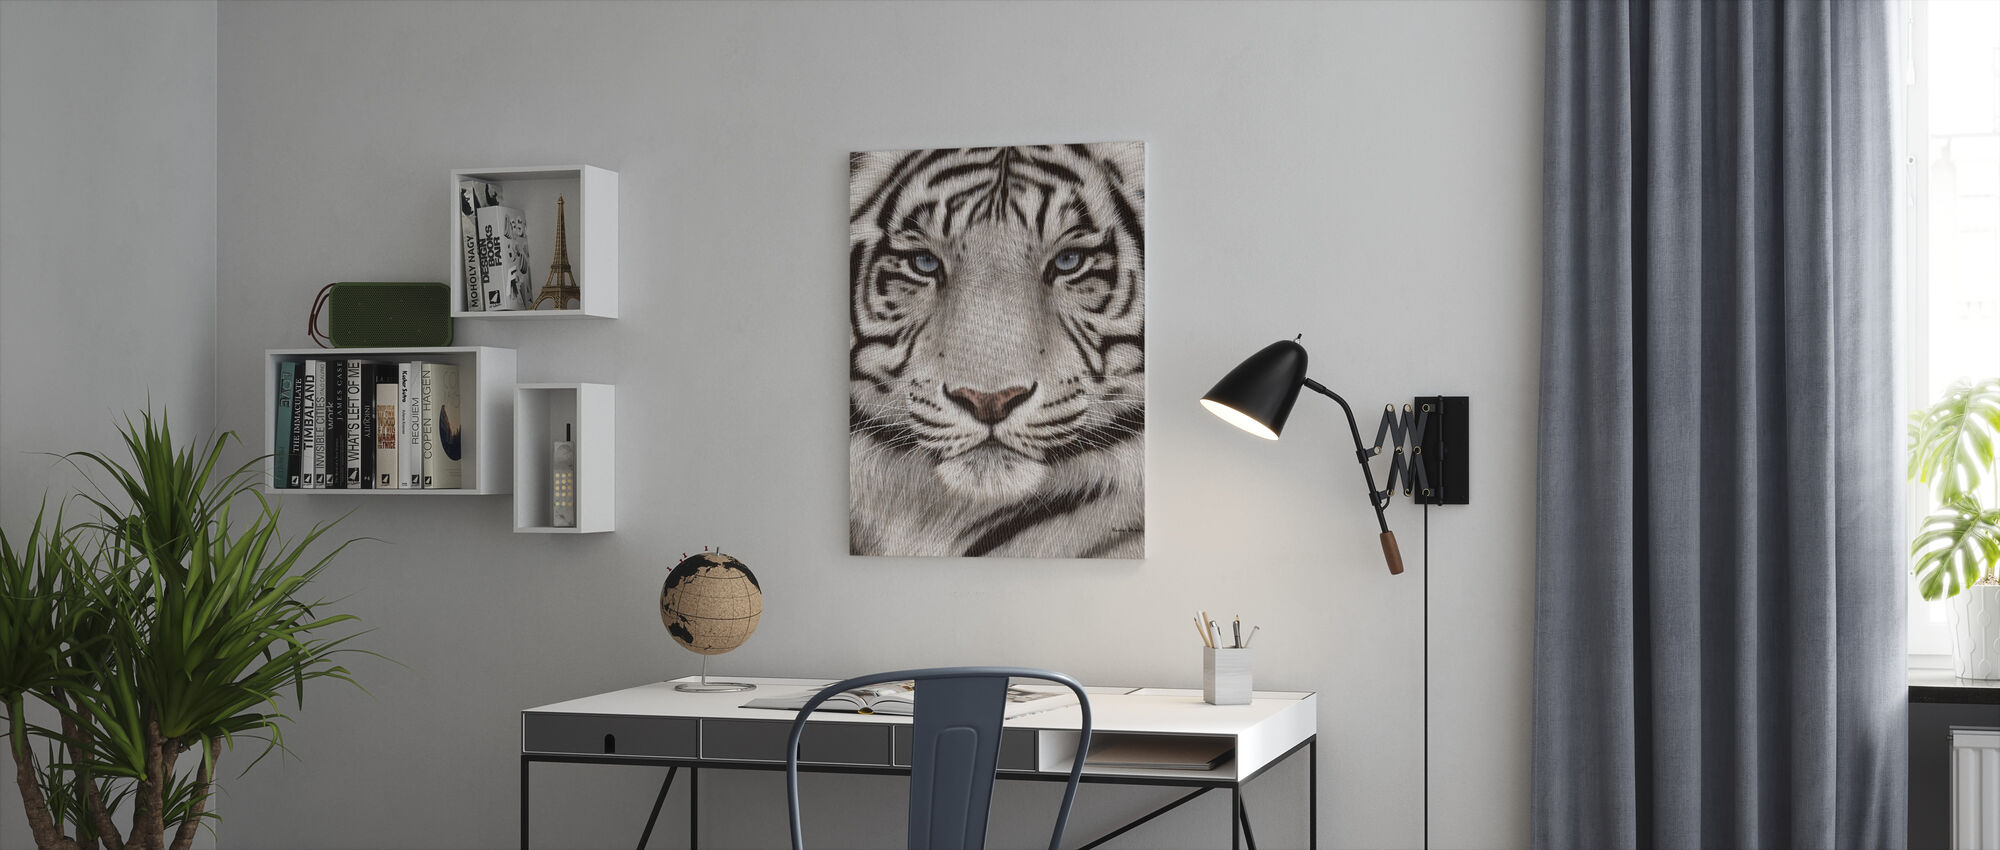 White Tiger Face Portrait - Canvas print - Office